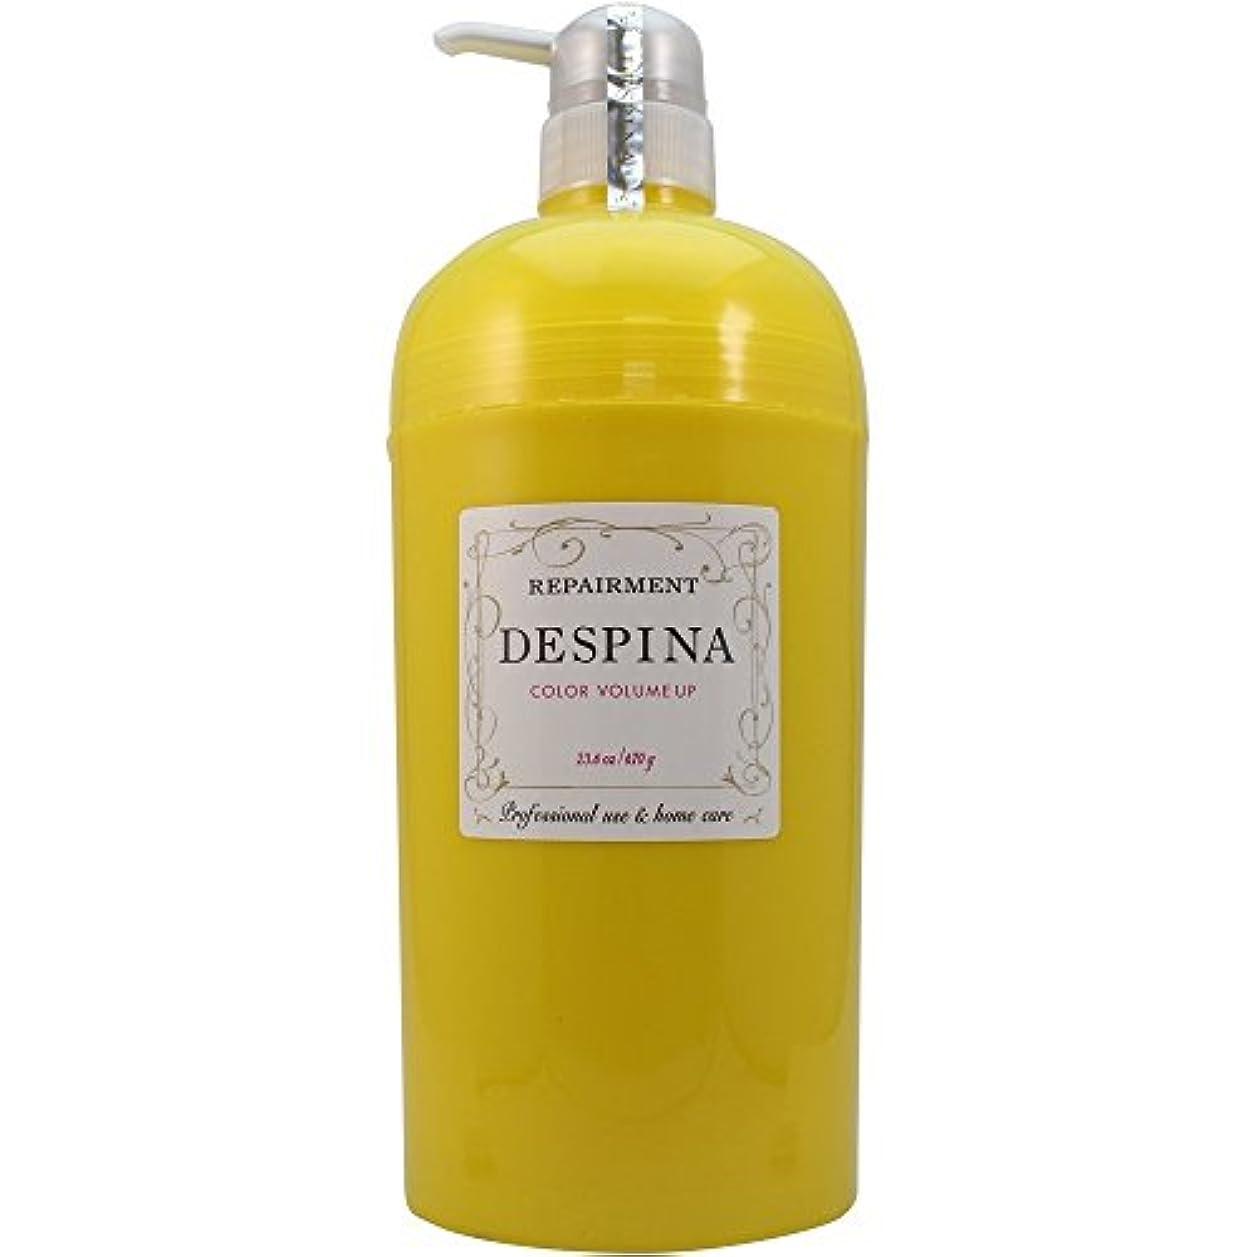 宮殿化学薬品独創的中野製薬 デスピナ リペアメント カラー ボリュームアップ 670g